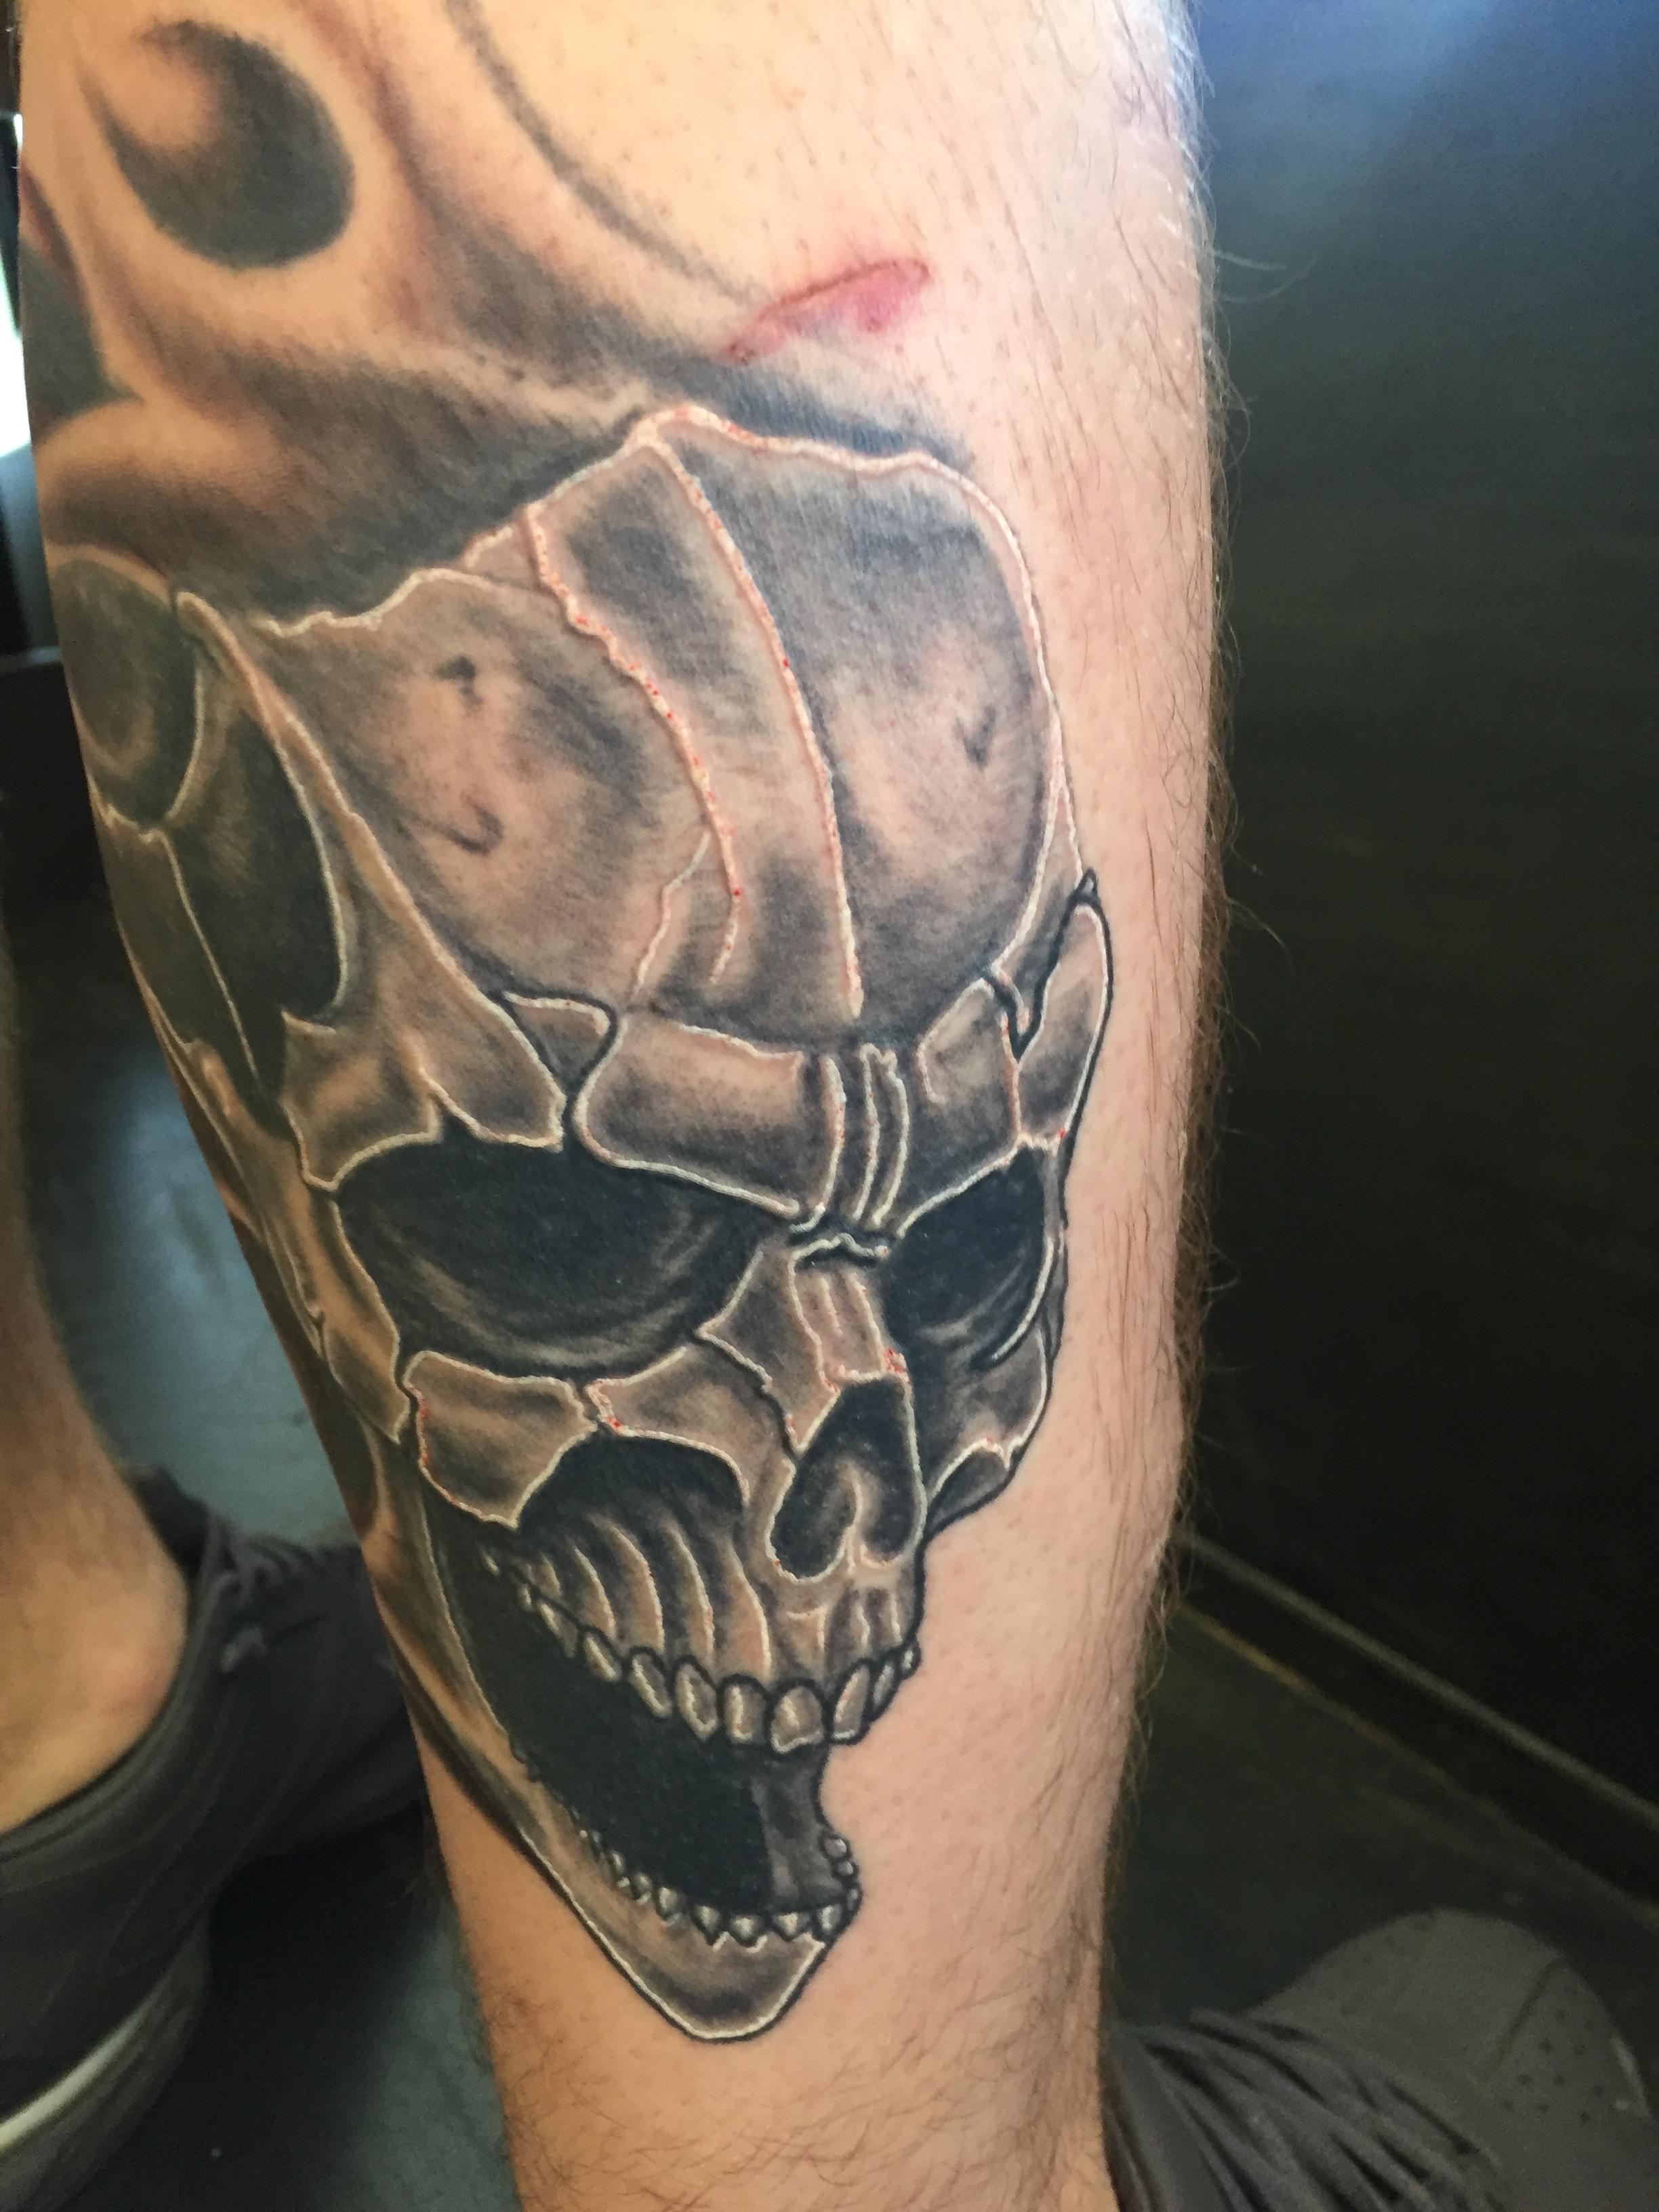 evil skull calf shaded black